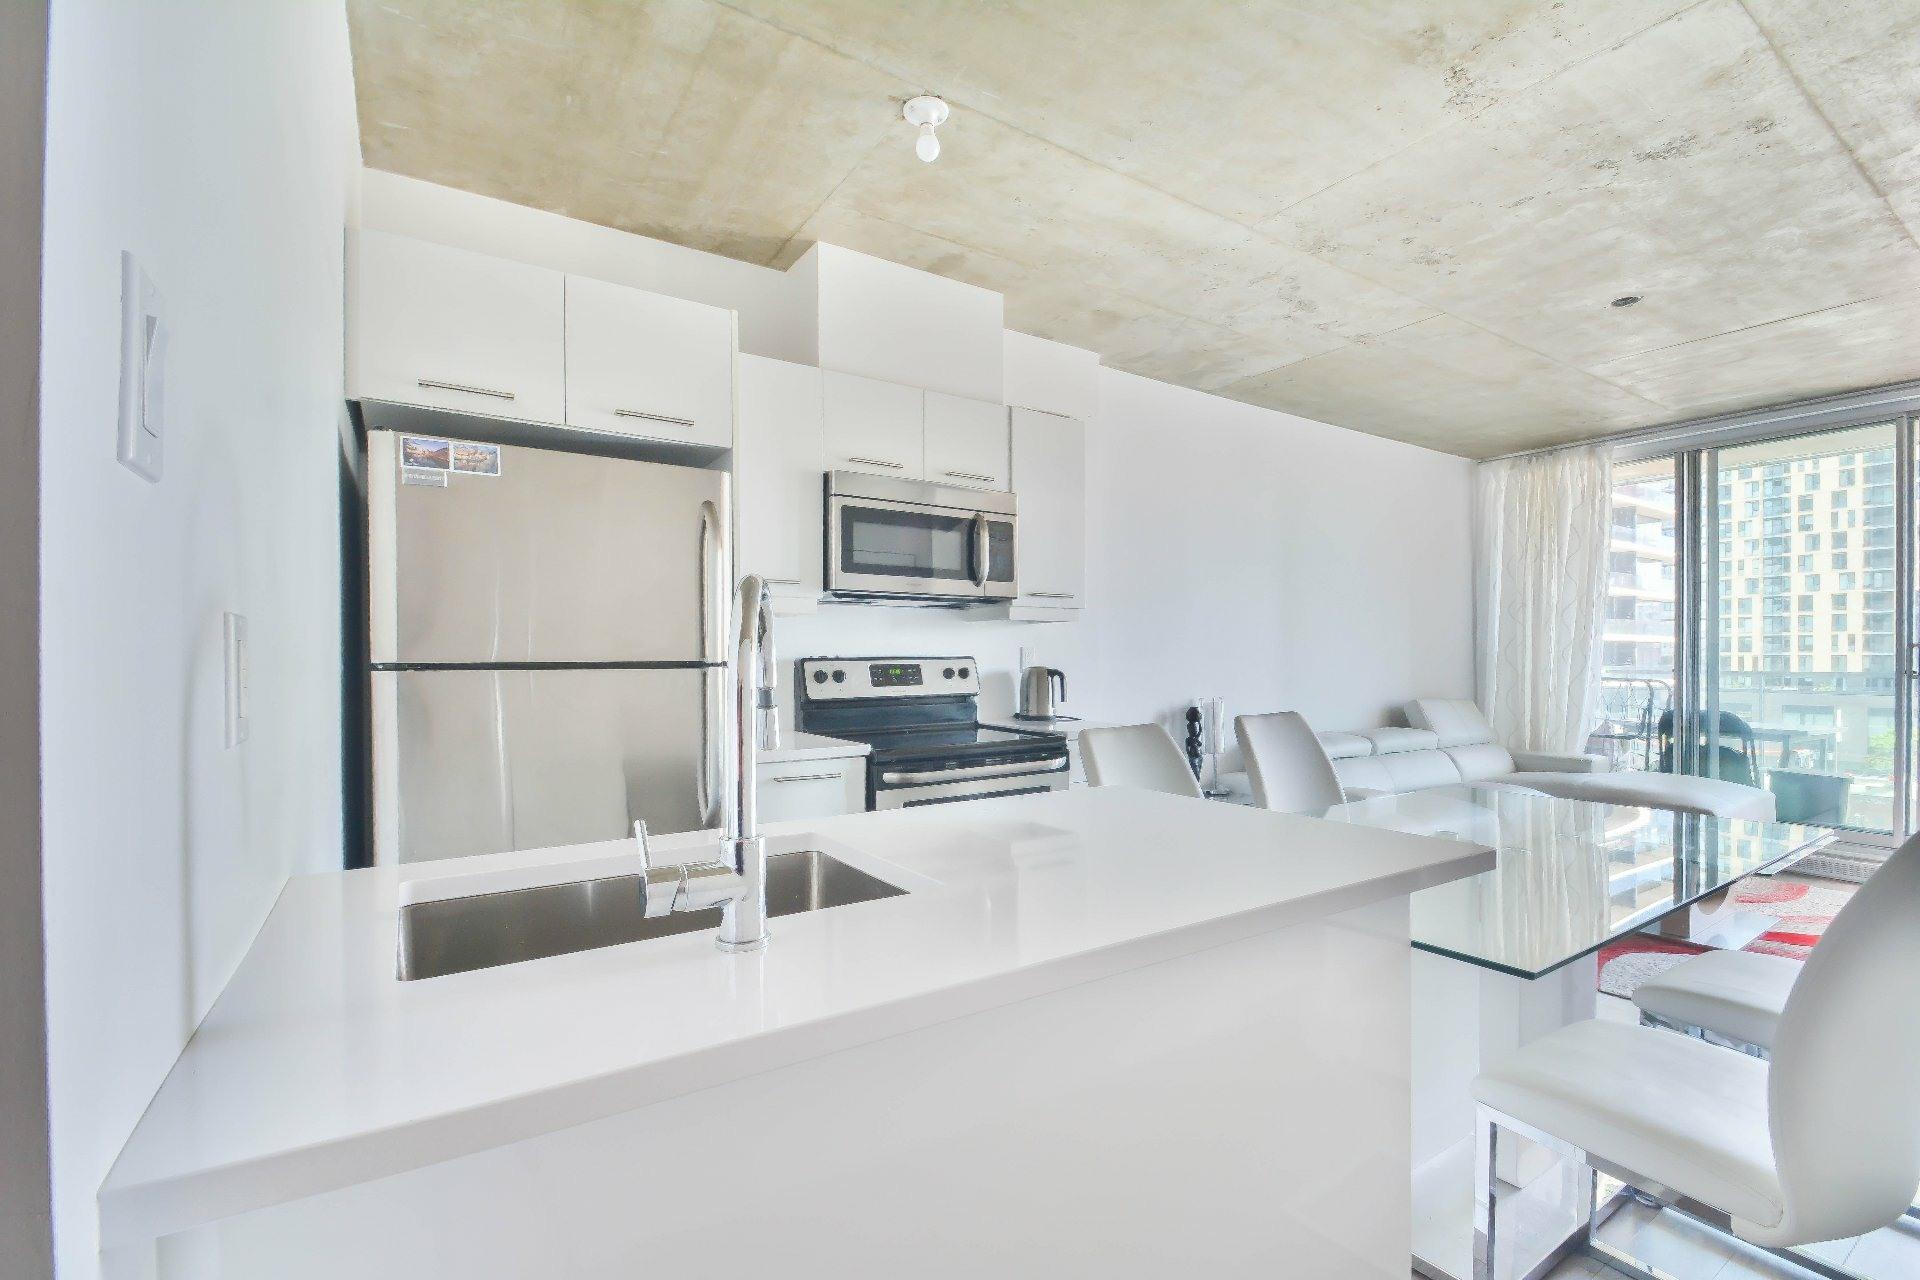 image 2 - Appartement À vendre Le Sud-Ouest Montréal  - 4 pièces